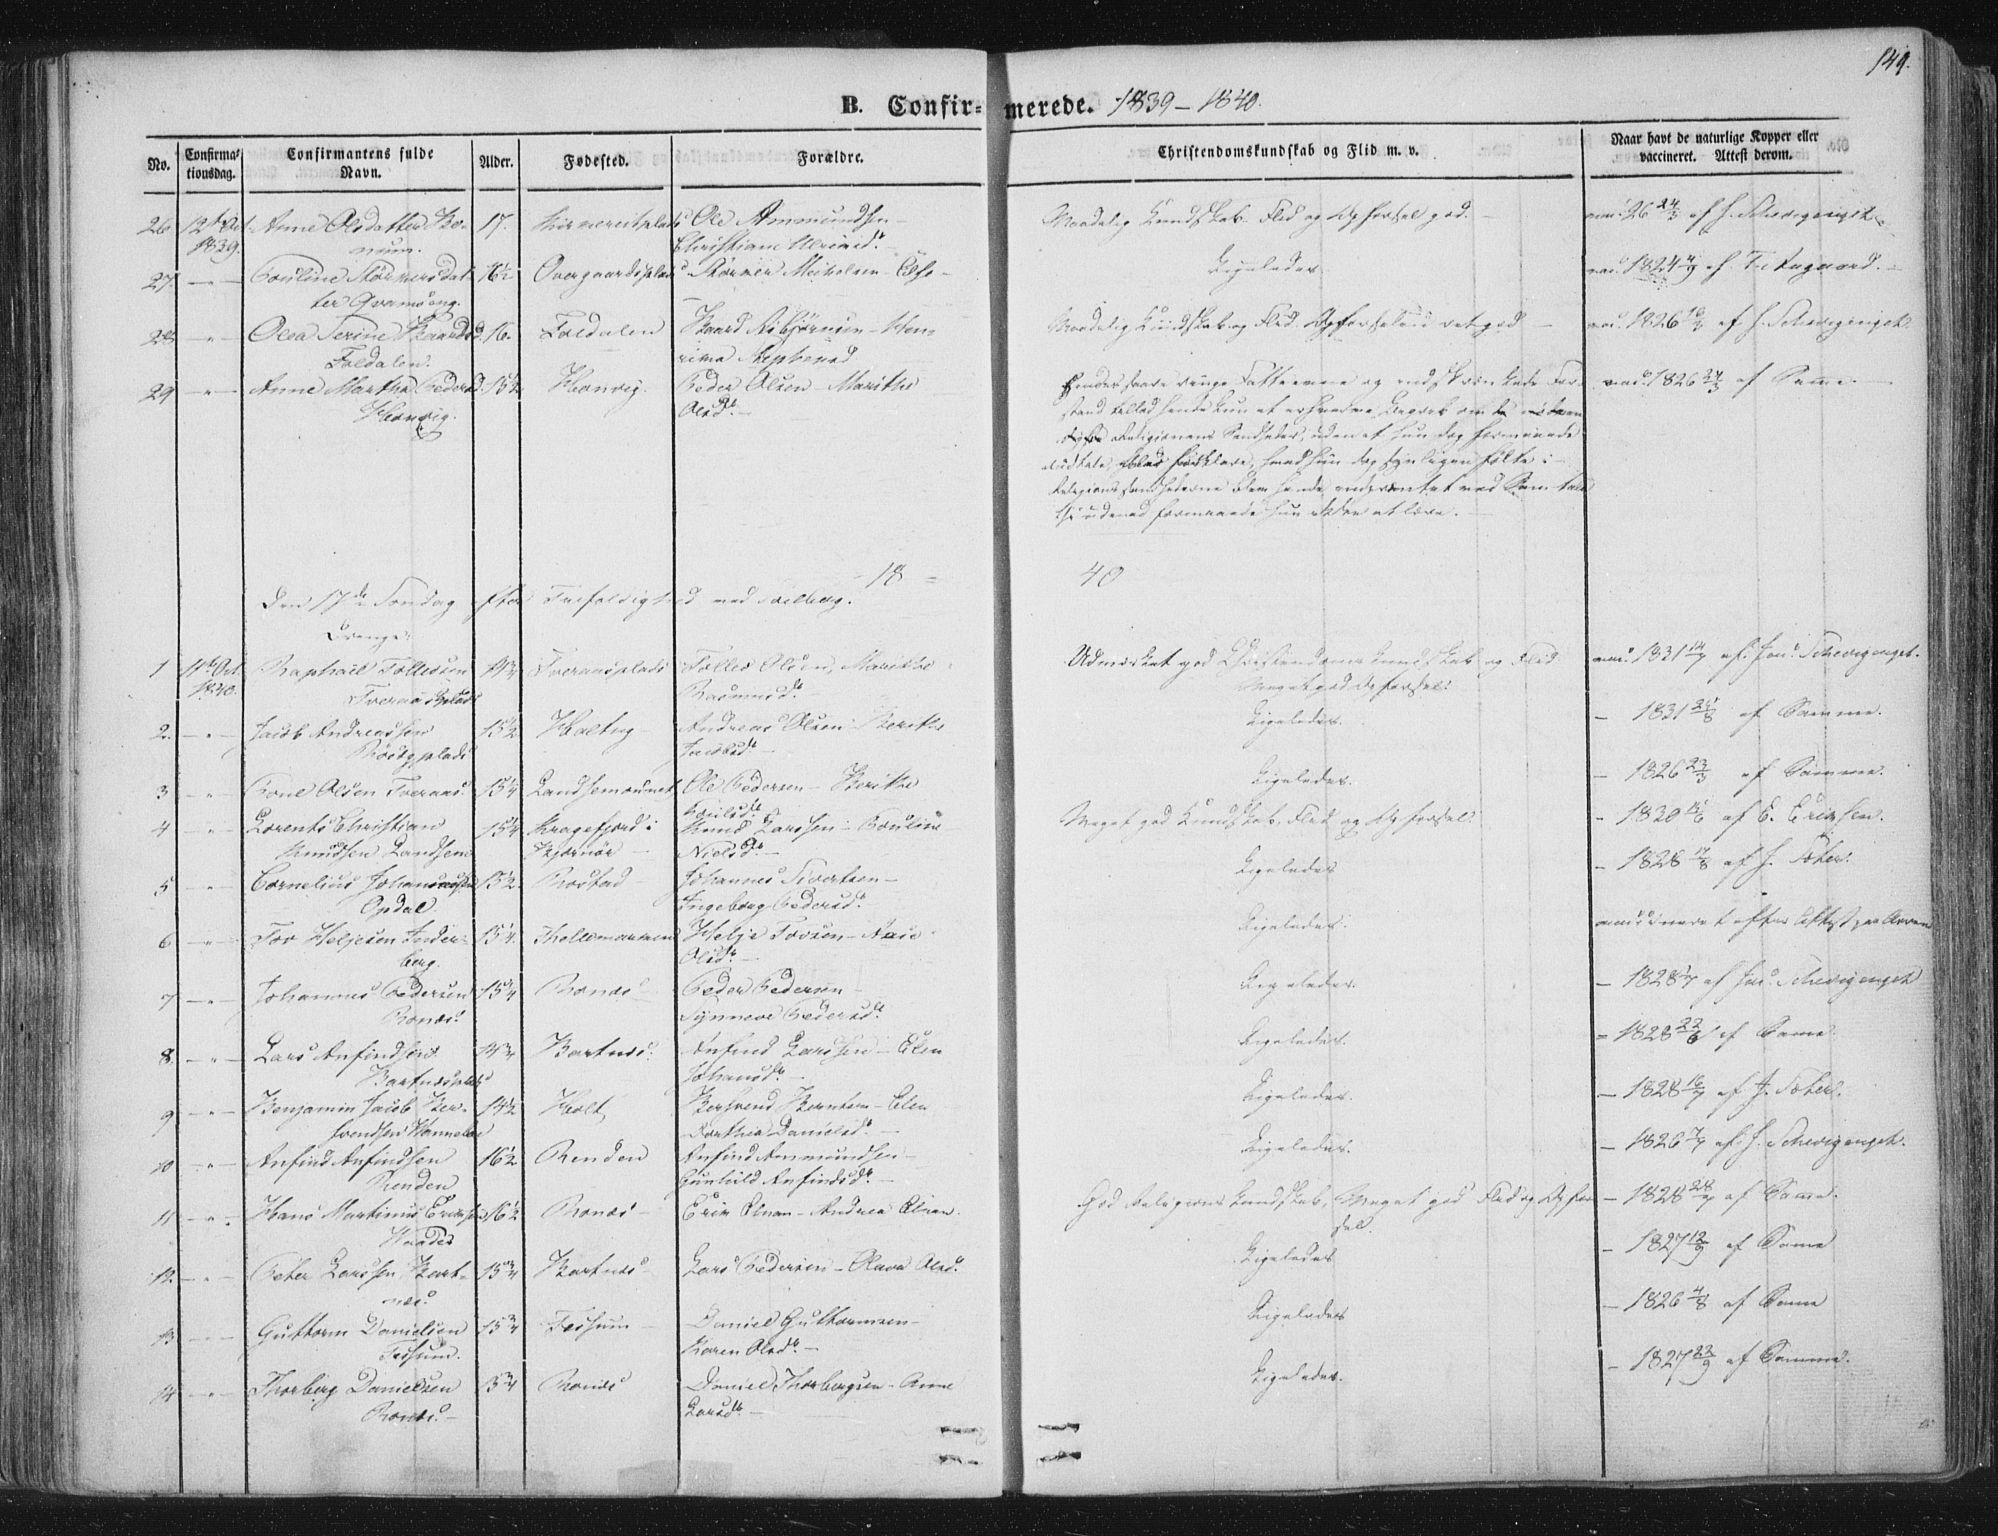 SAT, Ministerialprotokoller, klokkerbøker og fødselsregistre - Nord-Trøndelag, 741/L0392: Ministerialbok nr. 741A06, 1836-1848, s. 149